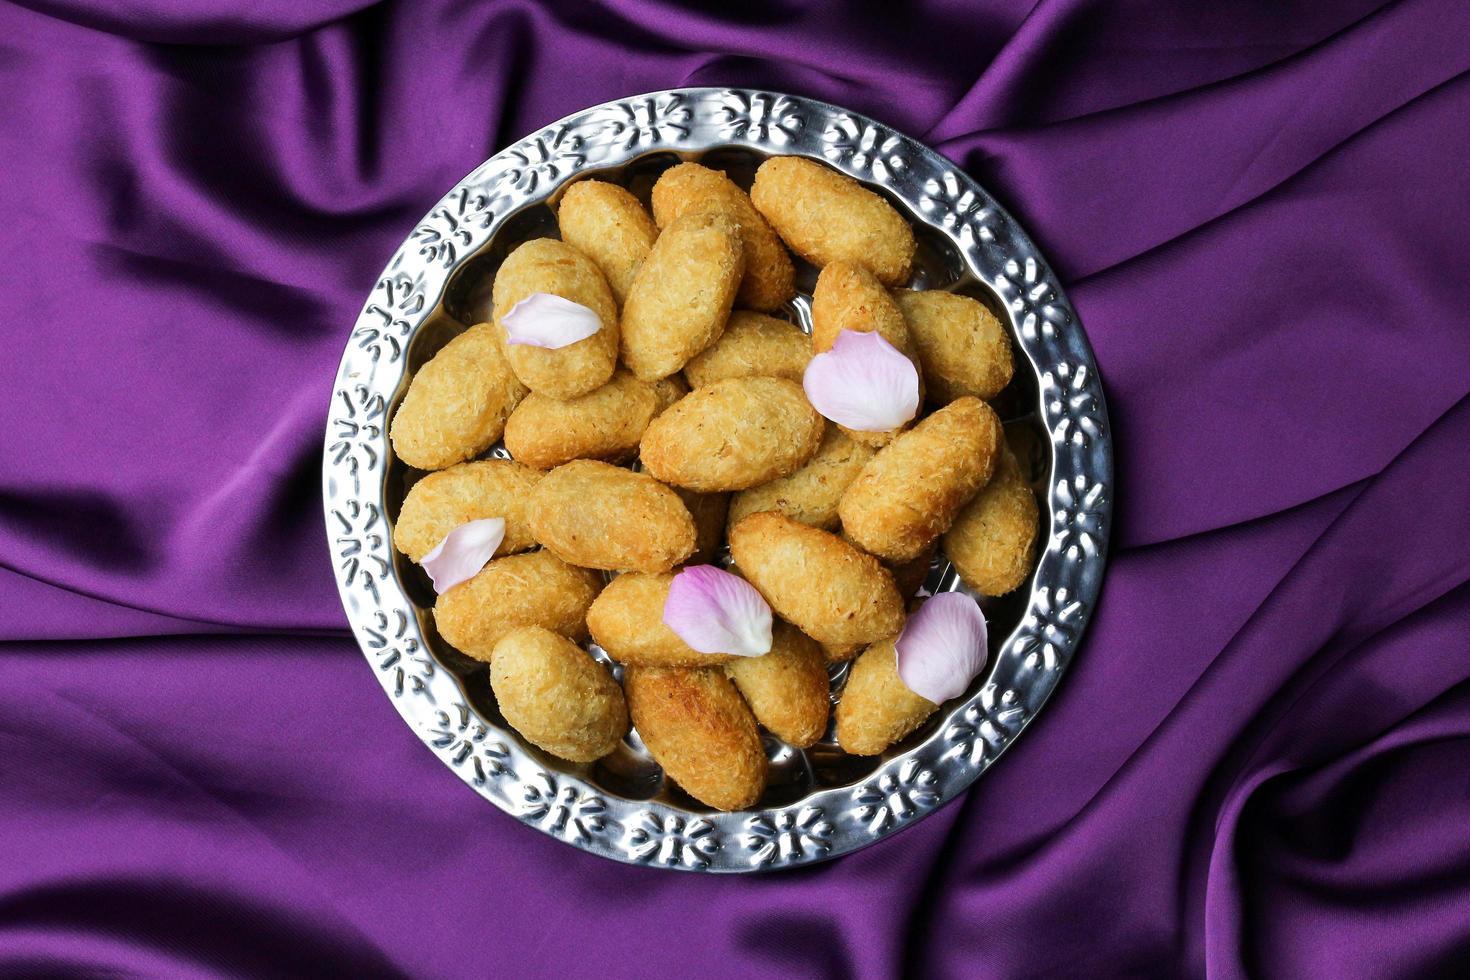 Deliciosos alimentos de panadería con flores. foto